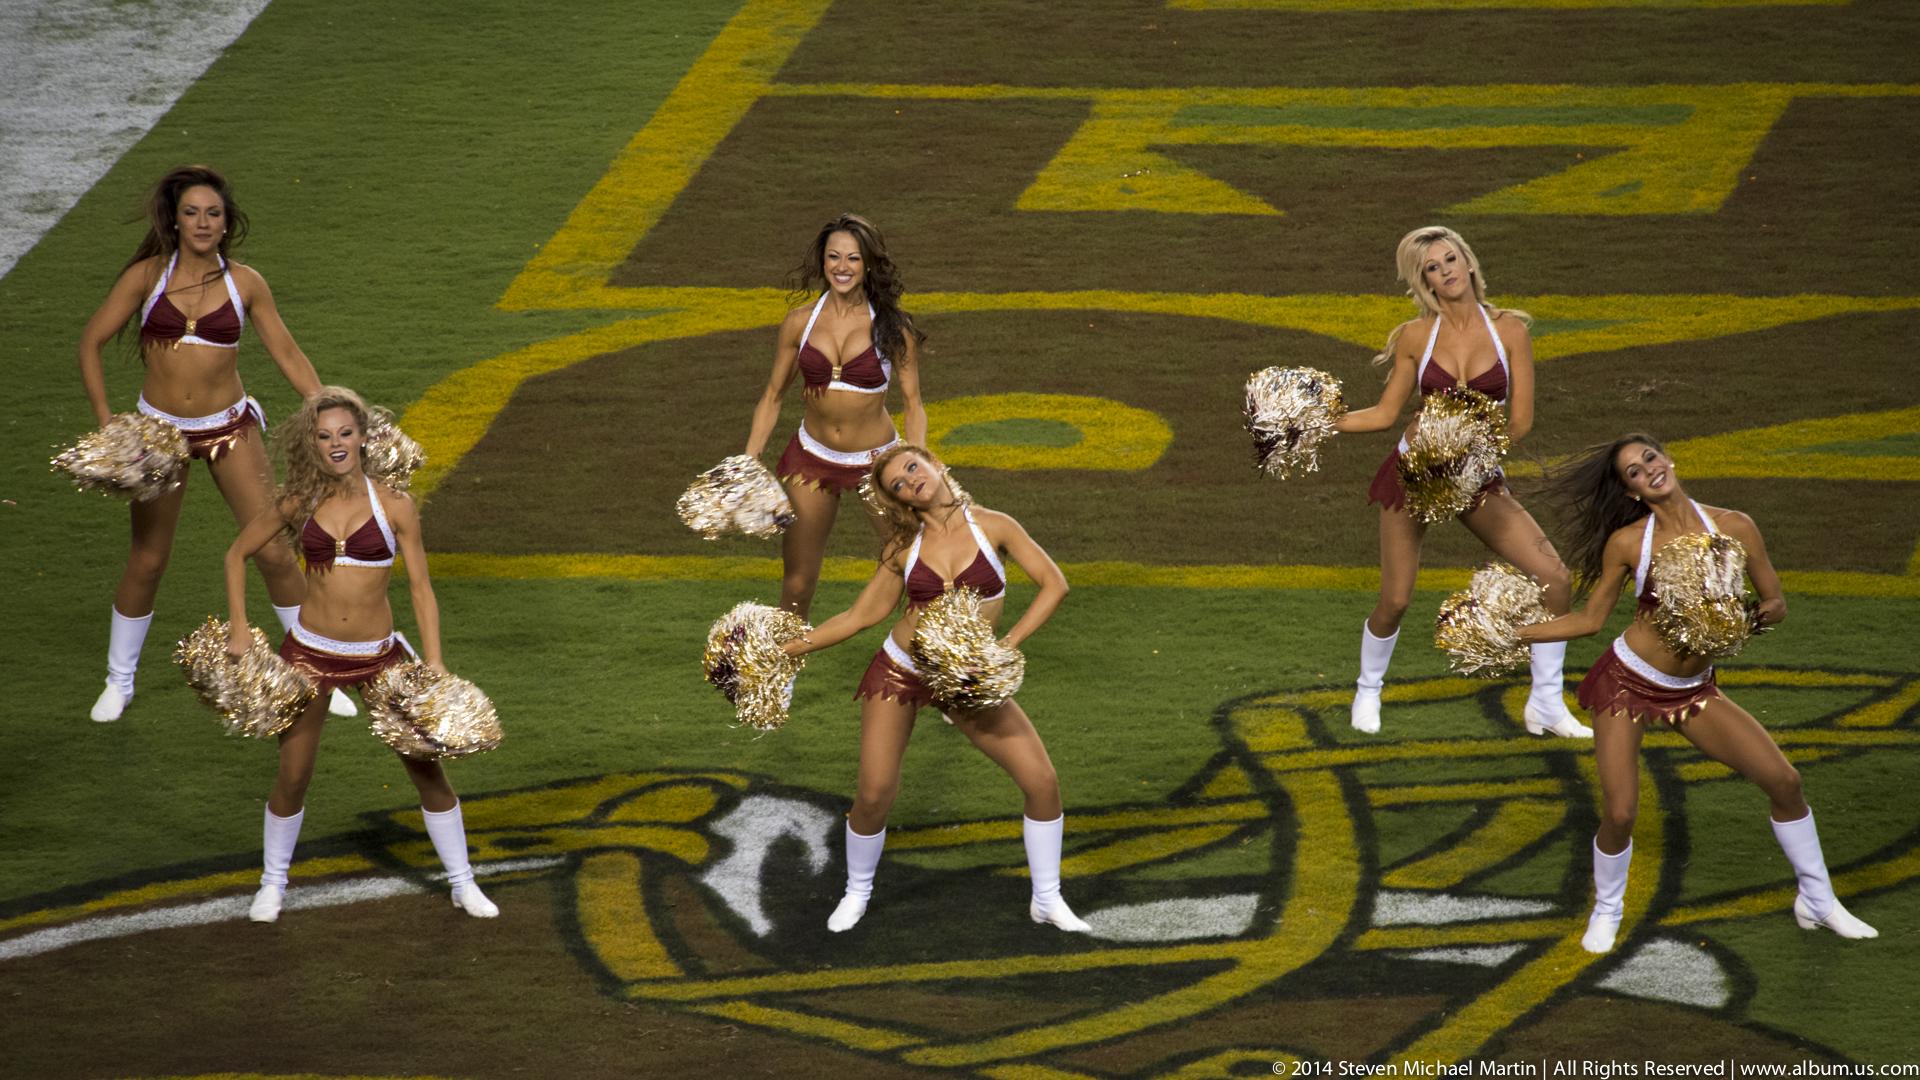 SMartin_2014 Patriots Redskins_20140807_016